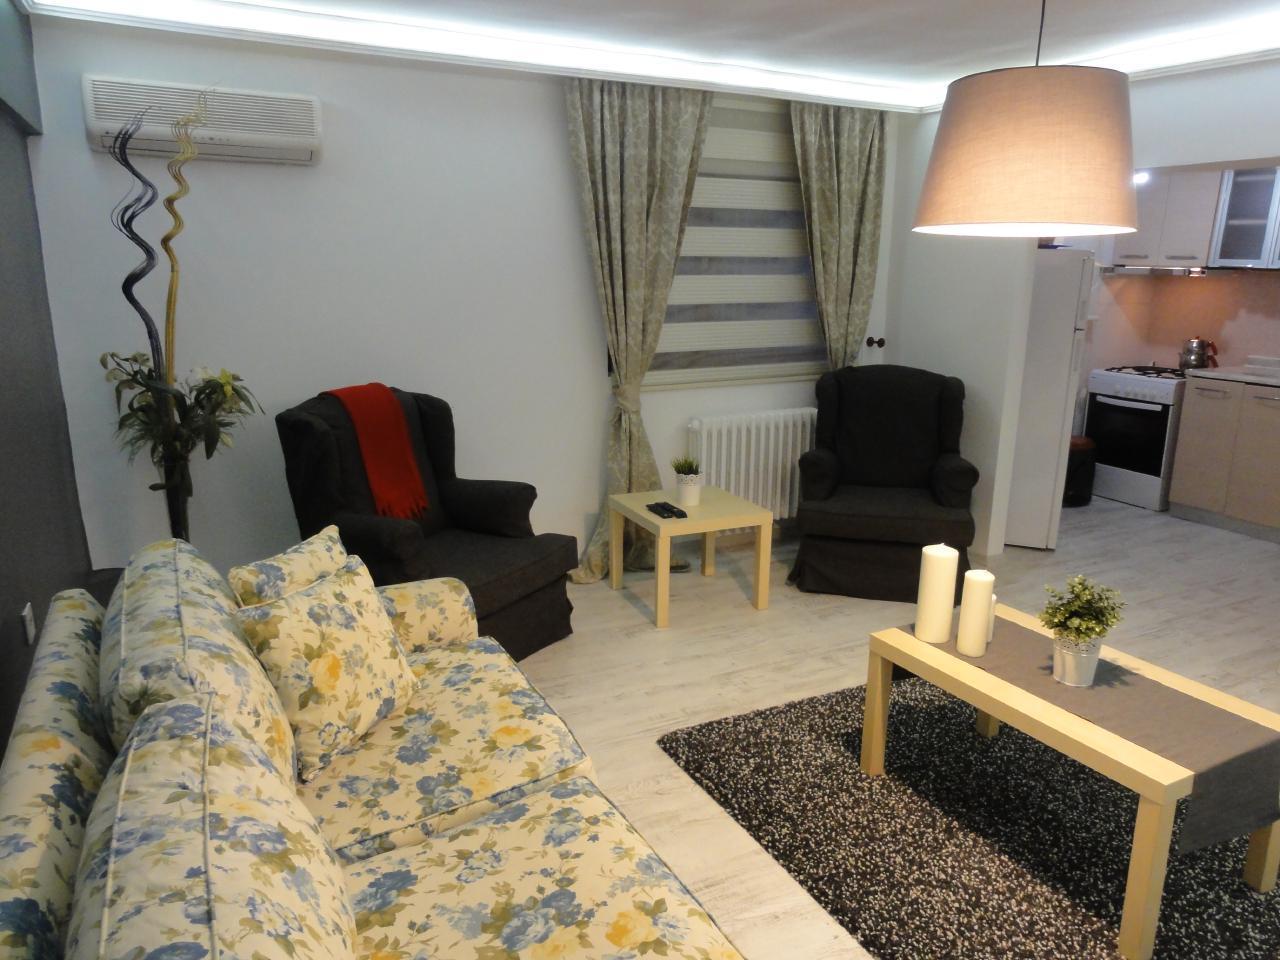 Ferienwohnung Evodak Apartment D 2A (1710500), Balgat, , Zentralanatolien, Türkei, Bild 27